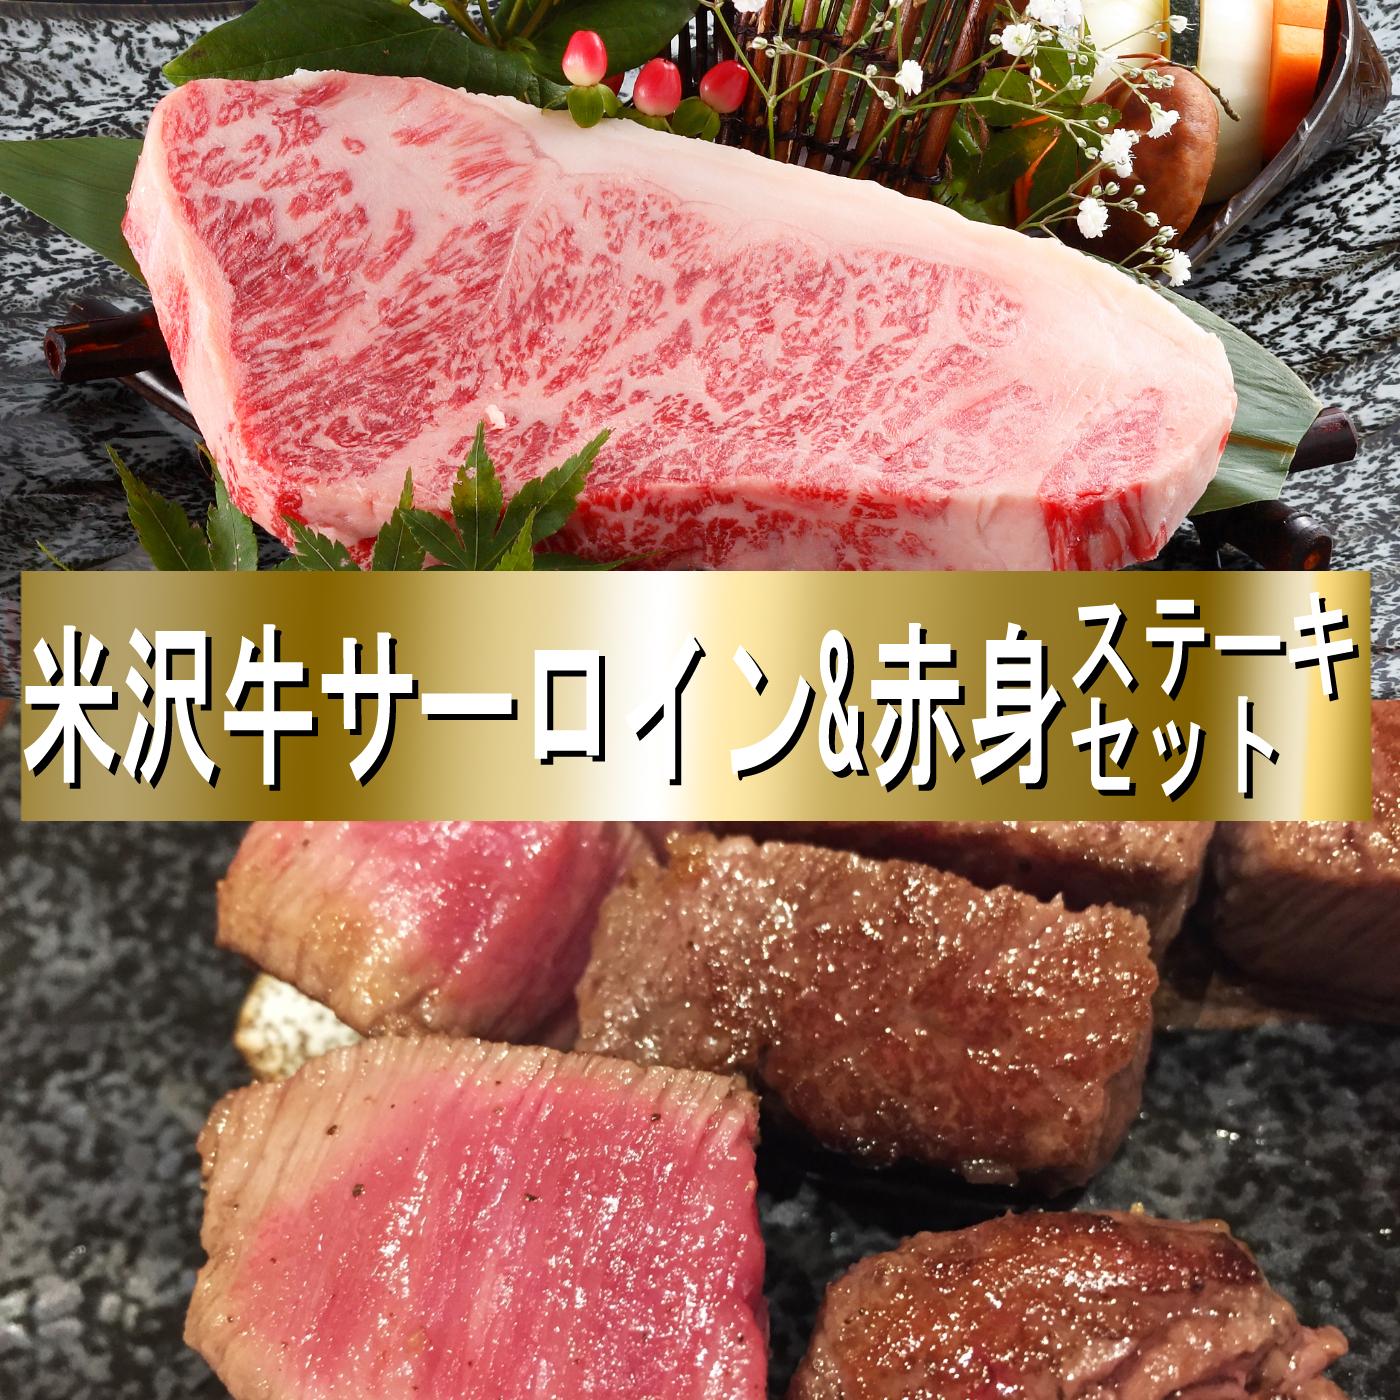 米沢牛 ステーキセット 量より質という方へ特別なステーキを ( 米沢牛サーロインステーキ 200g 米沢牛赤身サイコロステーキ 300g )画像